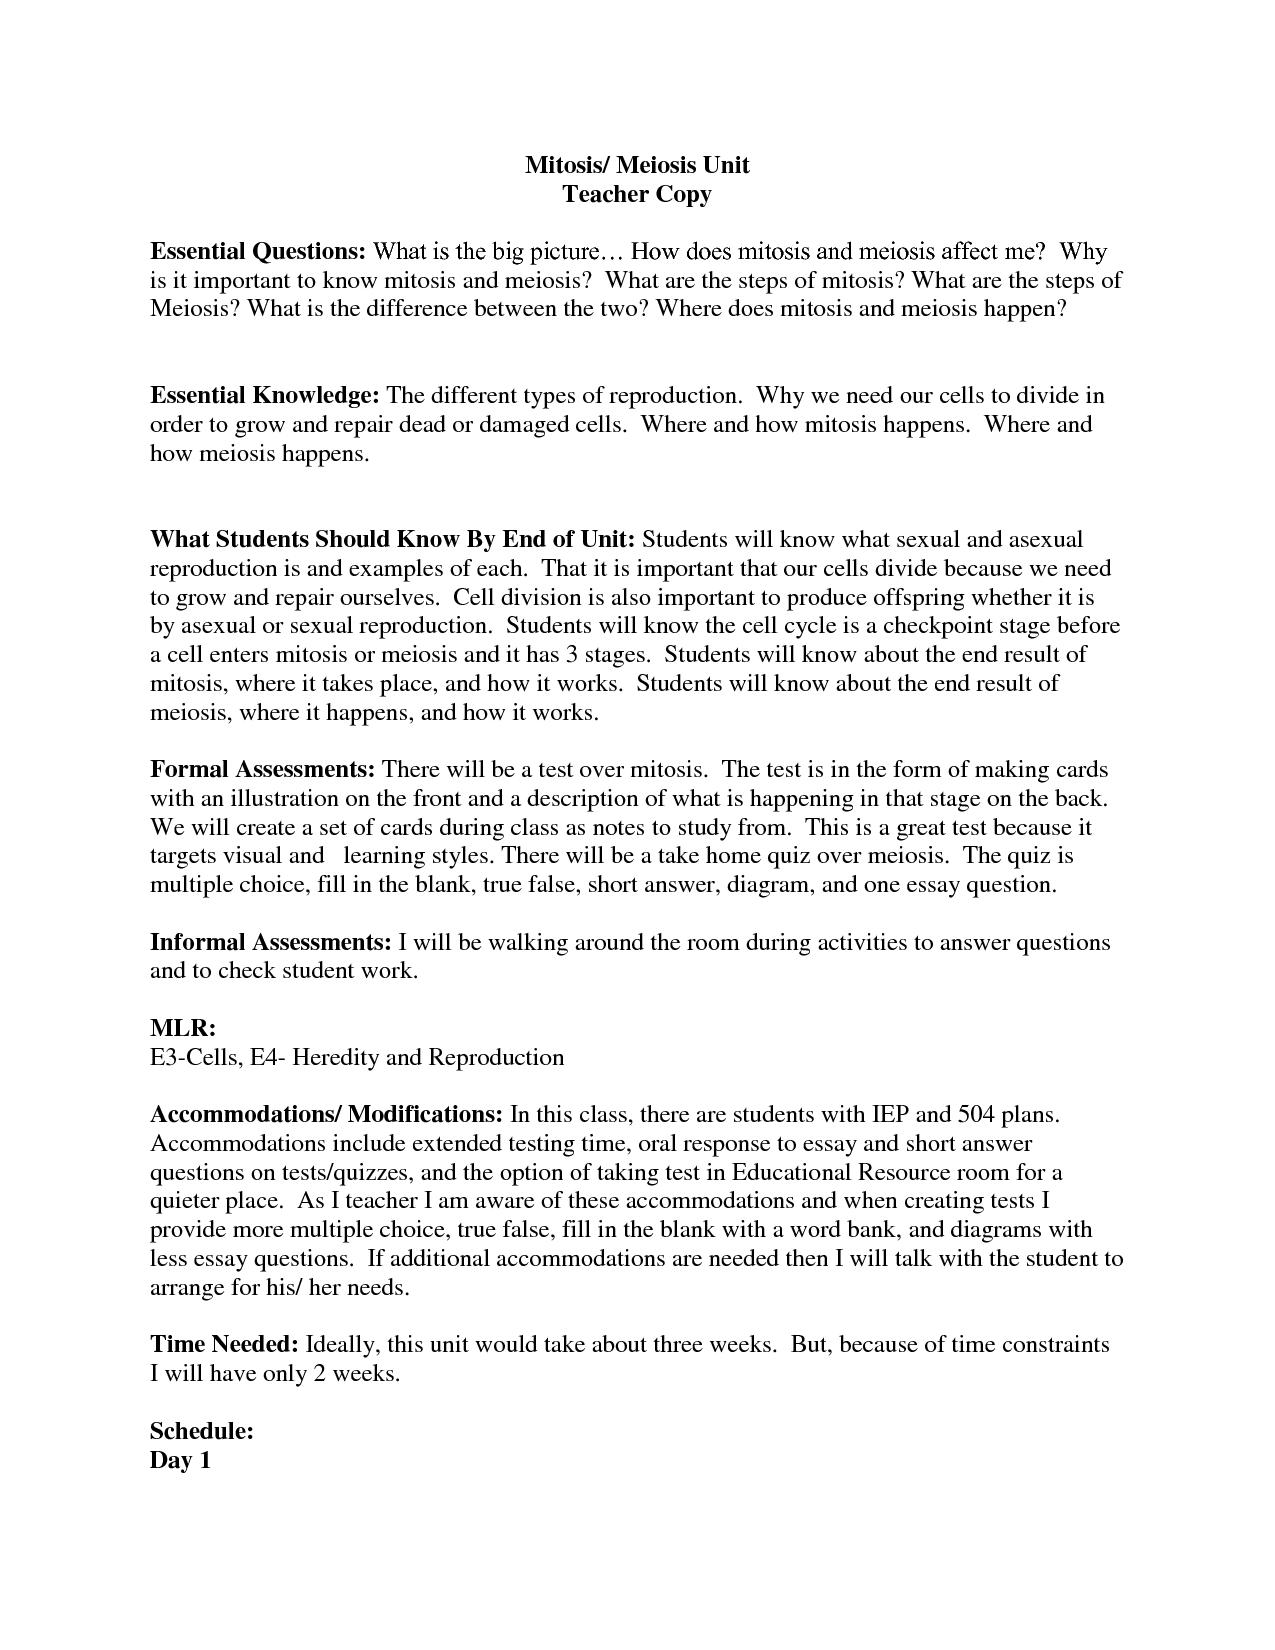 Meiosis Worksheet For Middle School